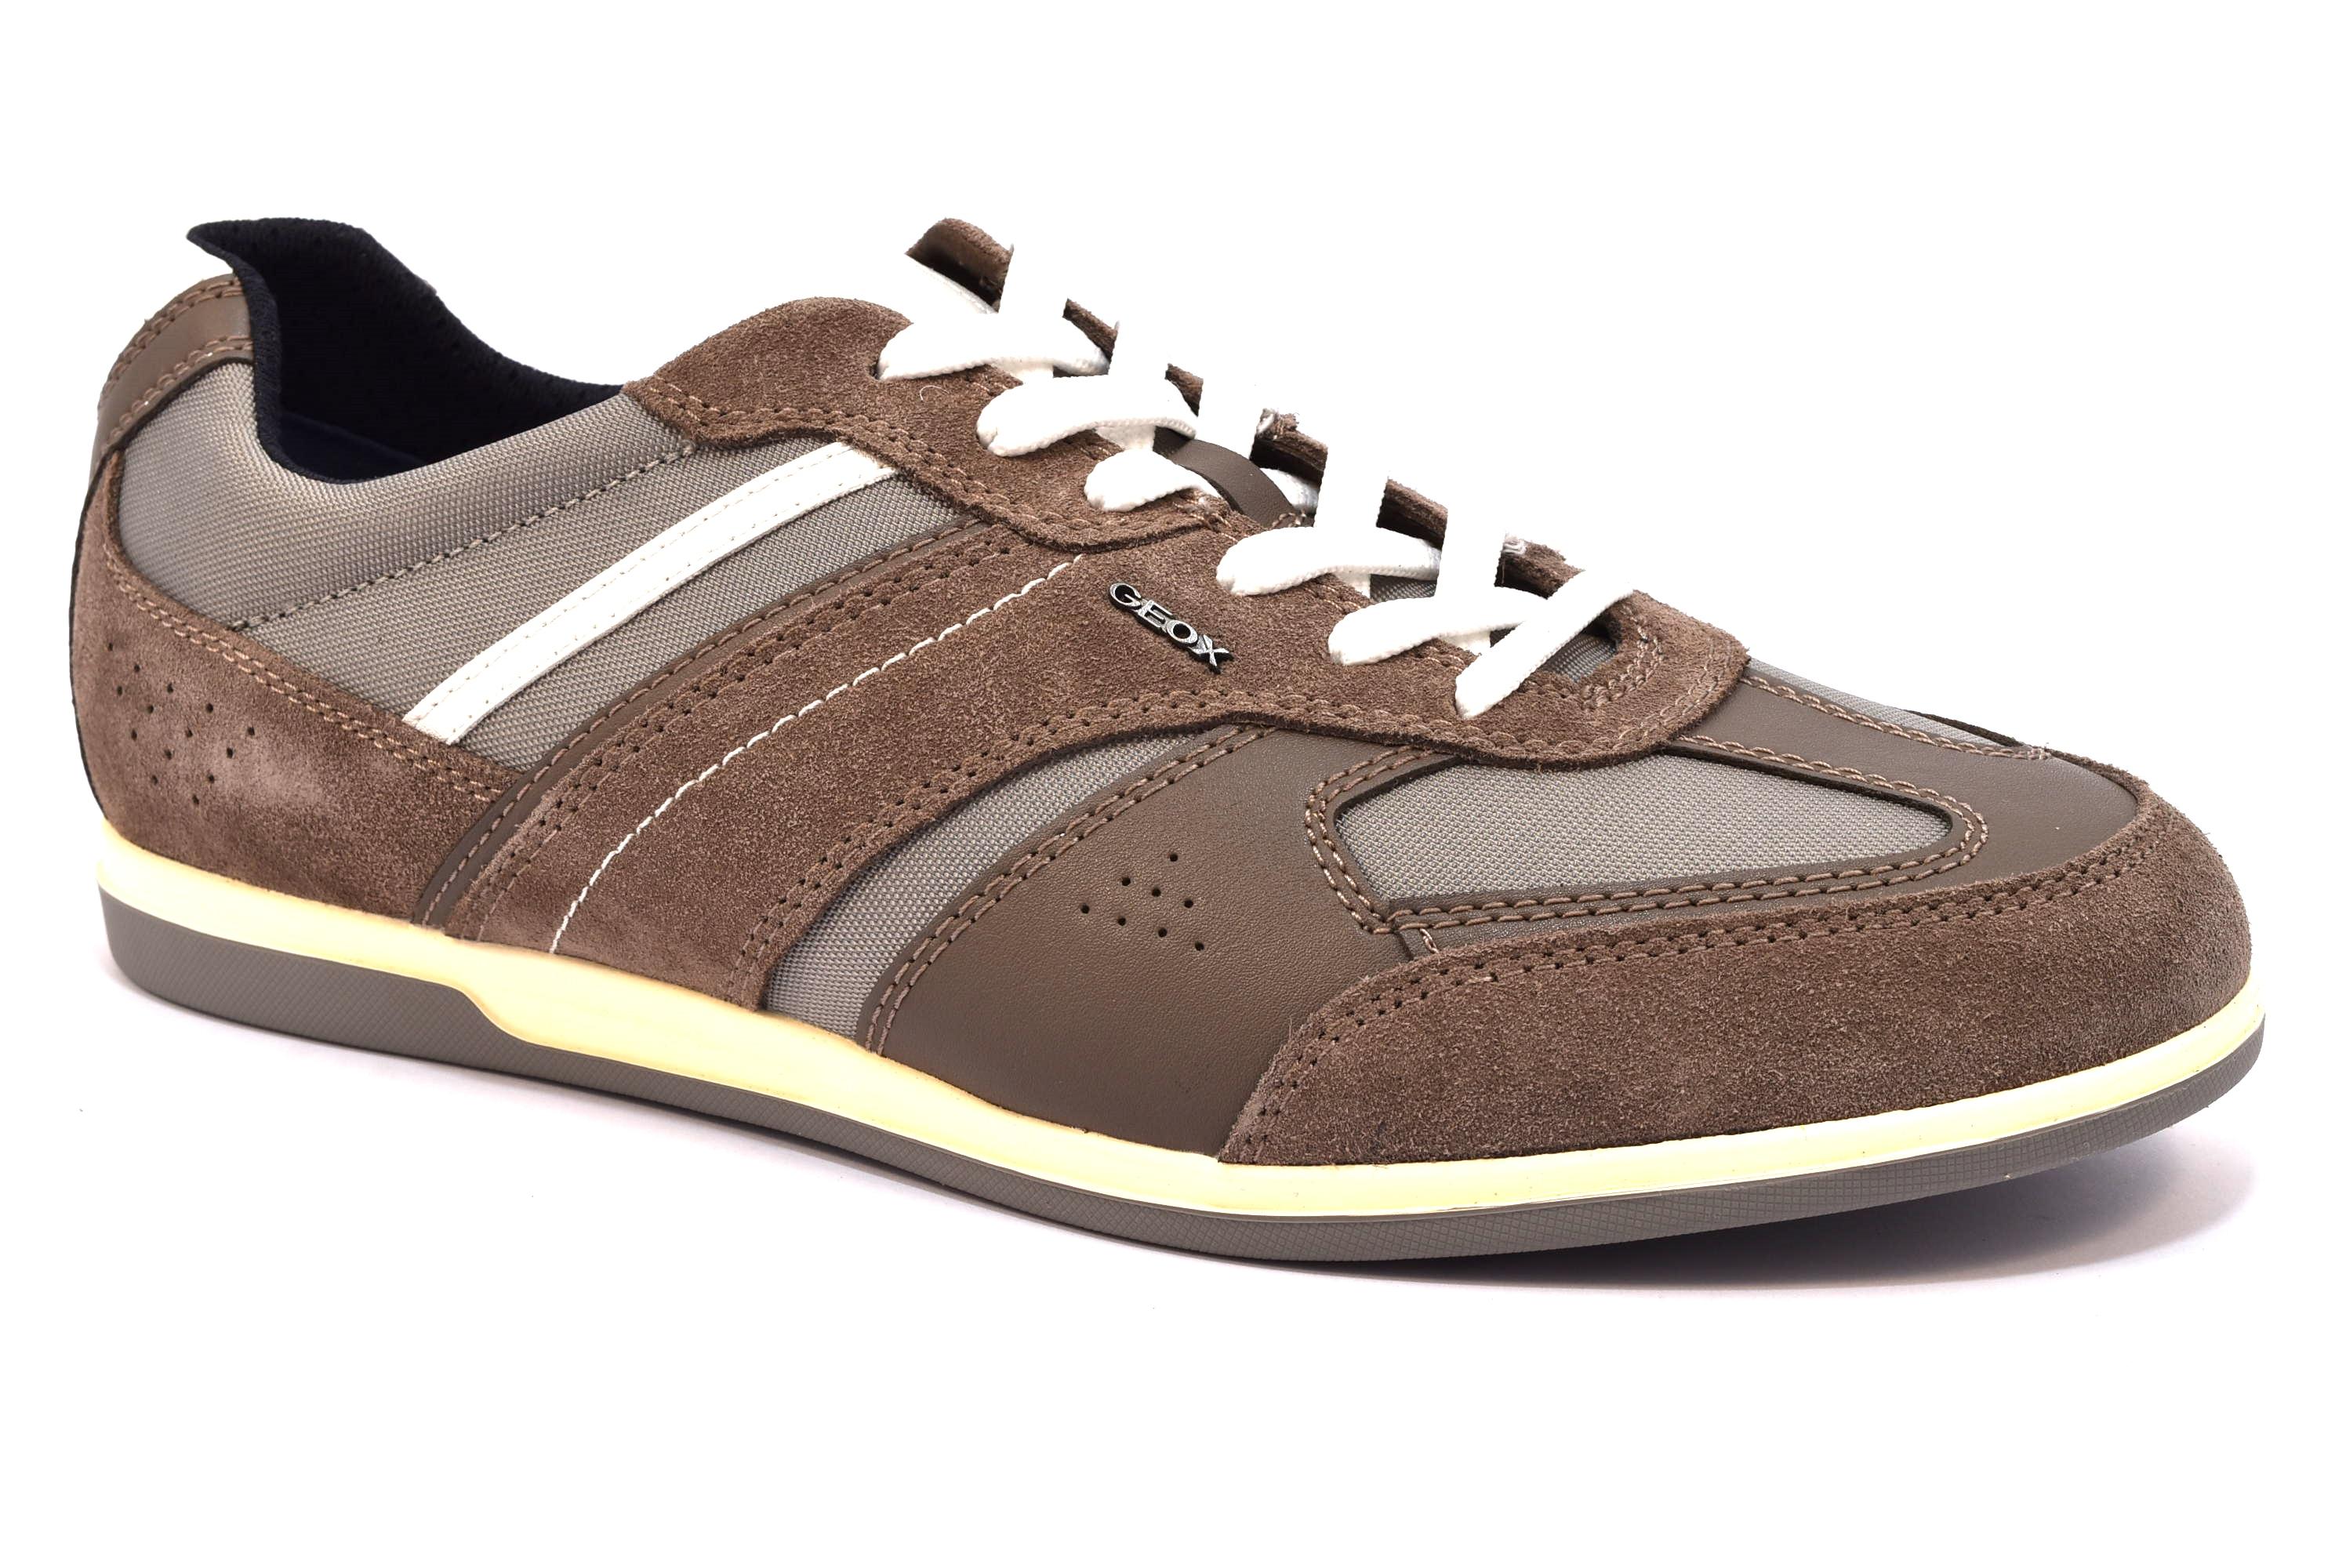 ... GEOX U824GA 02211 C6107 RENAN FANGO taupe stone marrone scarpe sneakers  uomo primavera estate vera pelle ... 164a1558a31